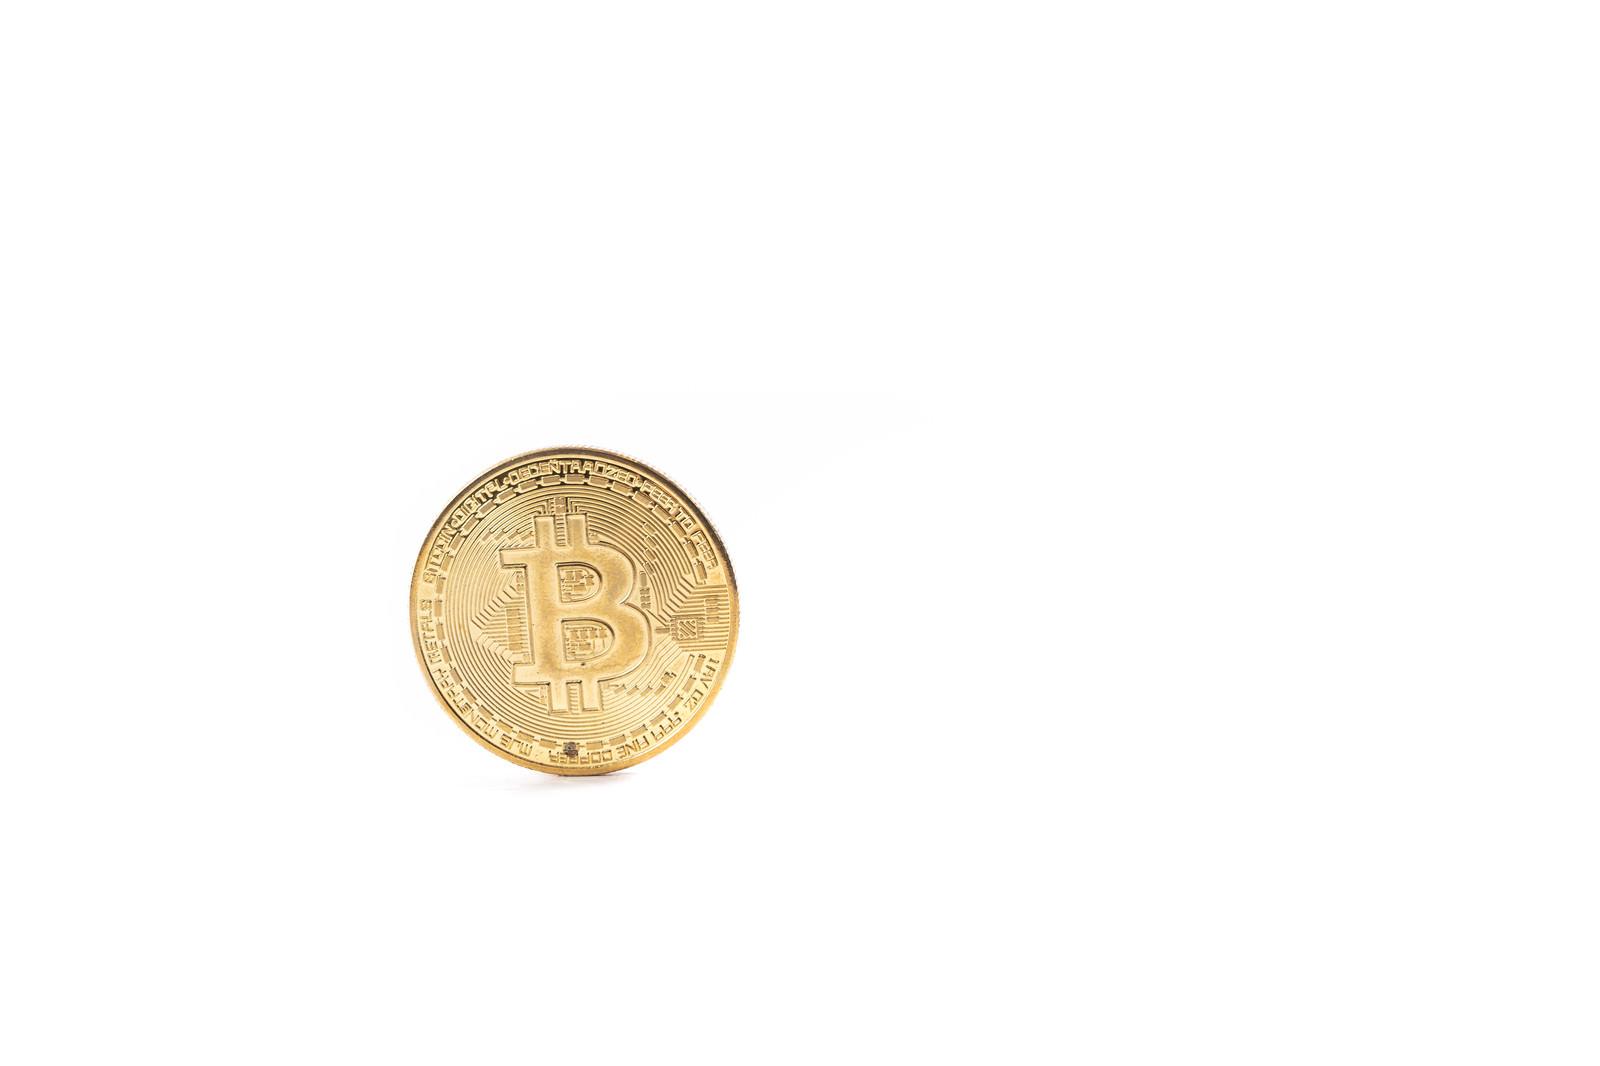 「ビットコイン建て」の写真